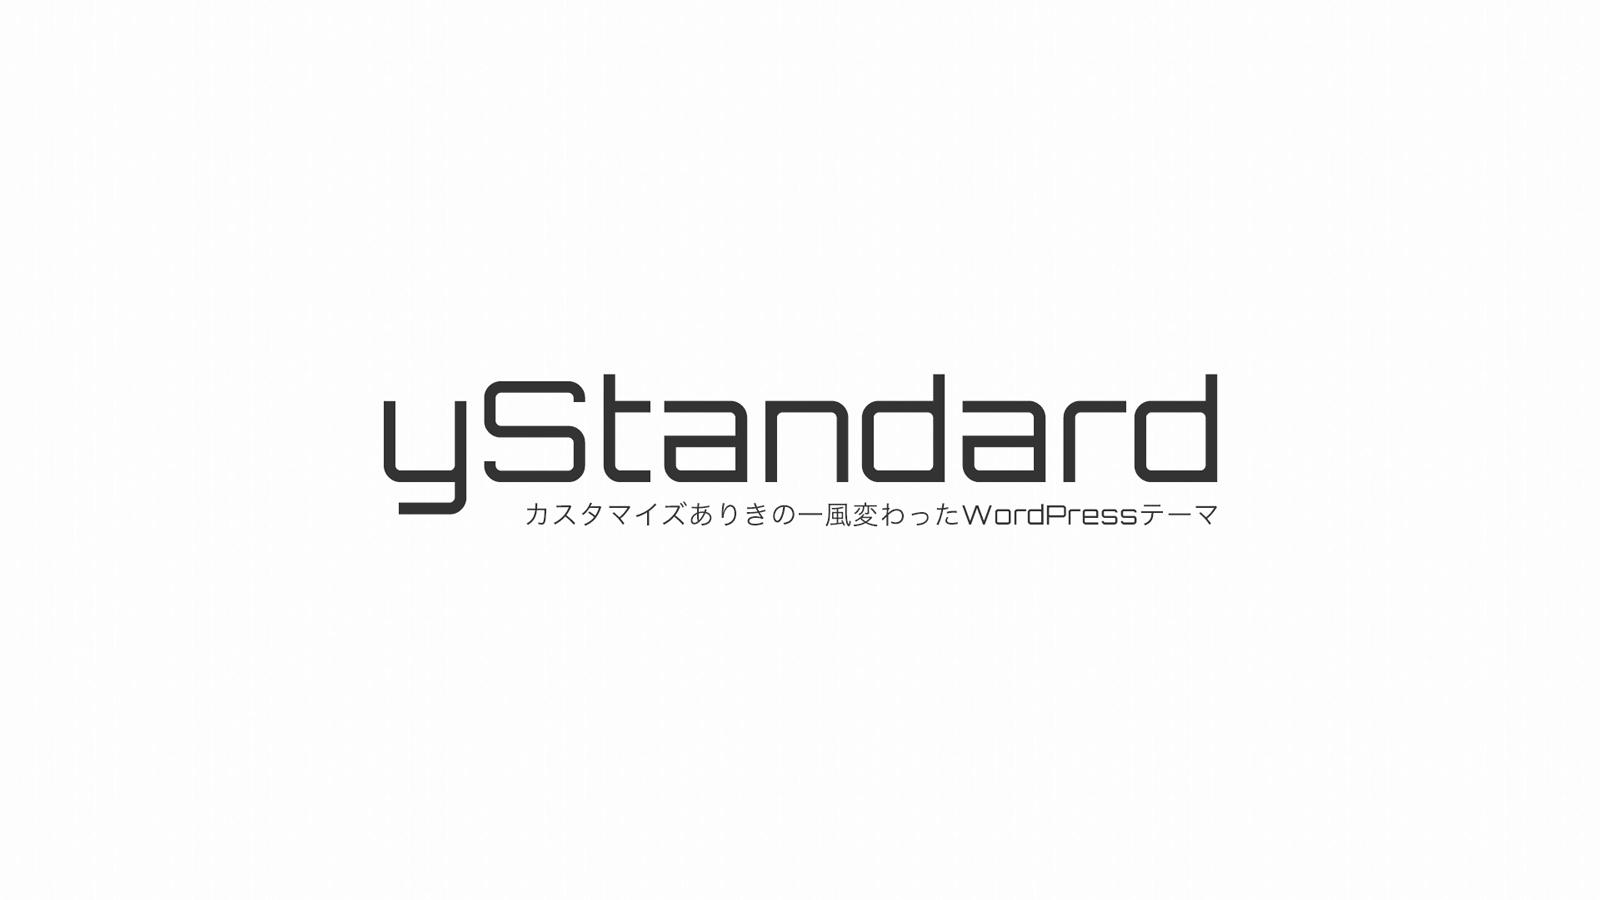 【yStandard v4.5.0】アーカイブページ 画像部分のリンク調整、その他不具合修正 ※テンプレート修正あり